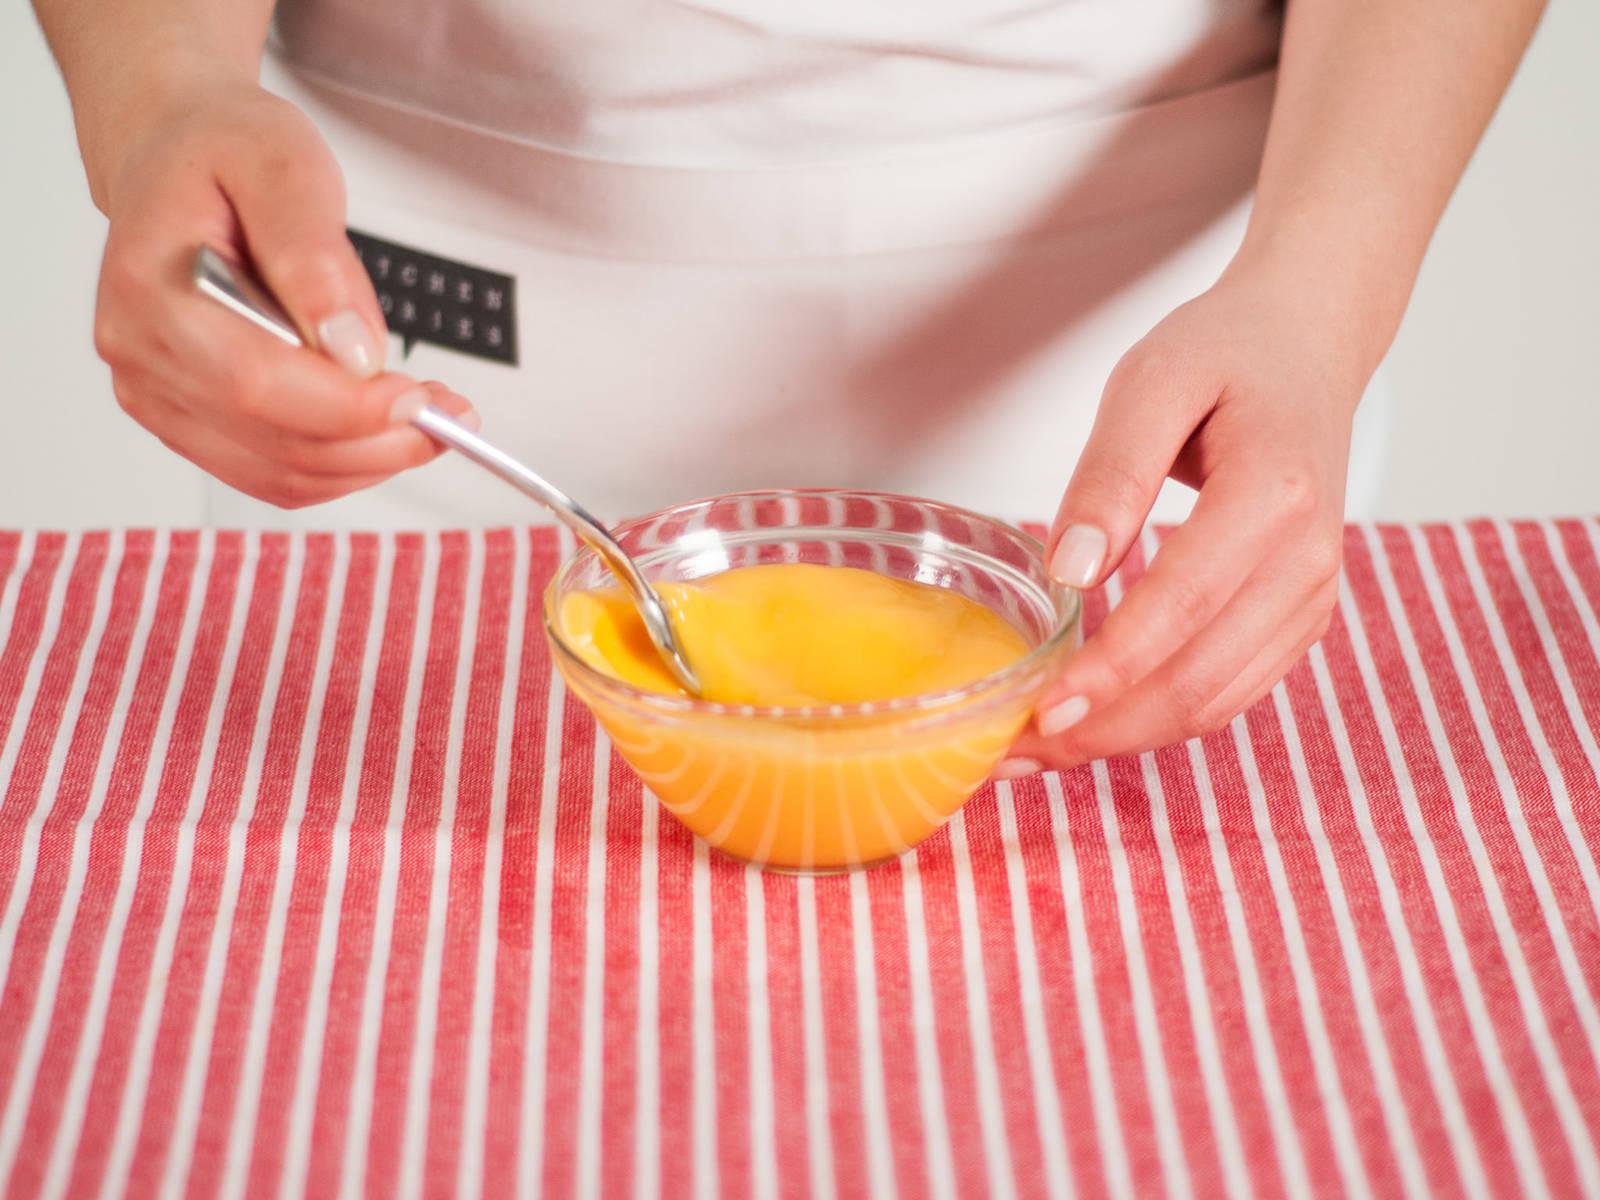 在小碗中将鸡蛋打散。